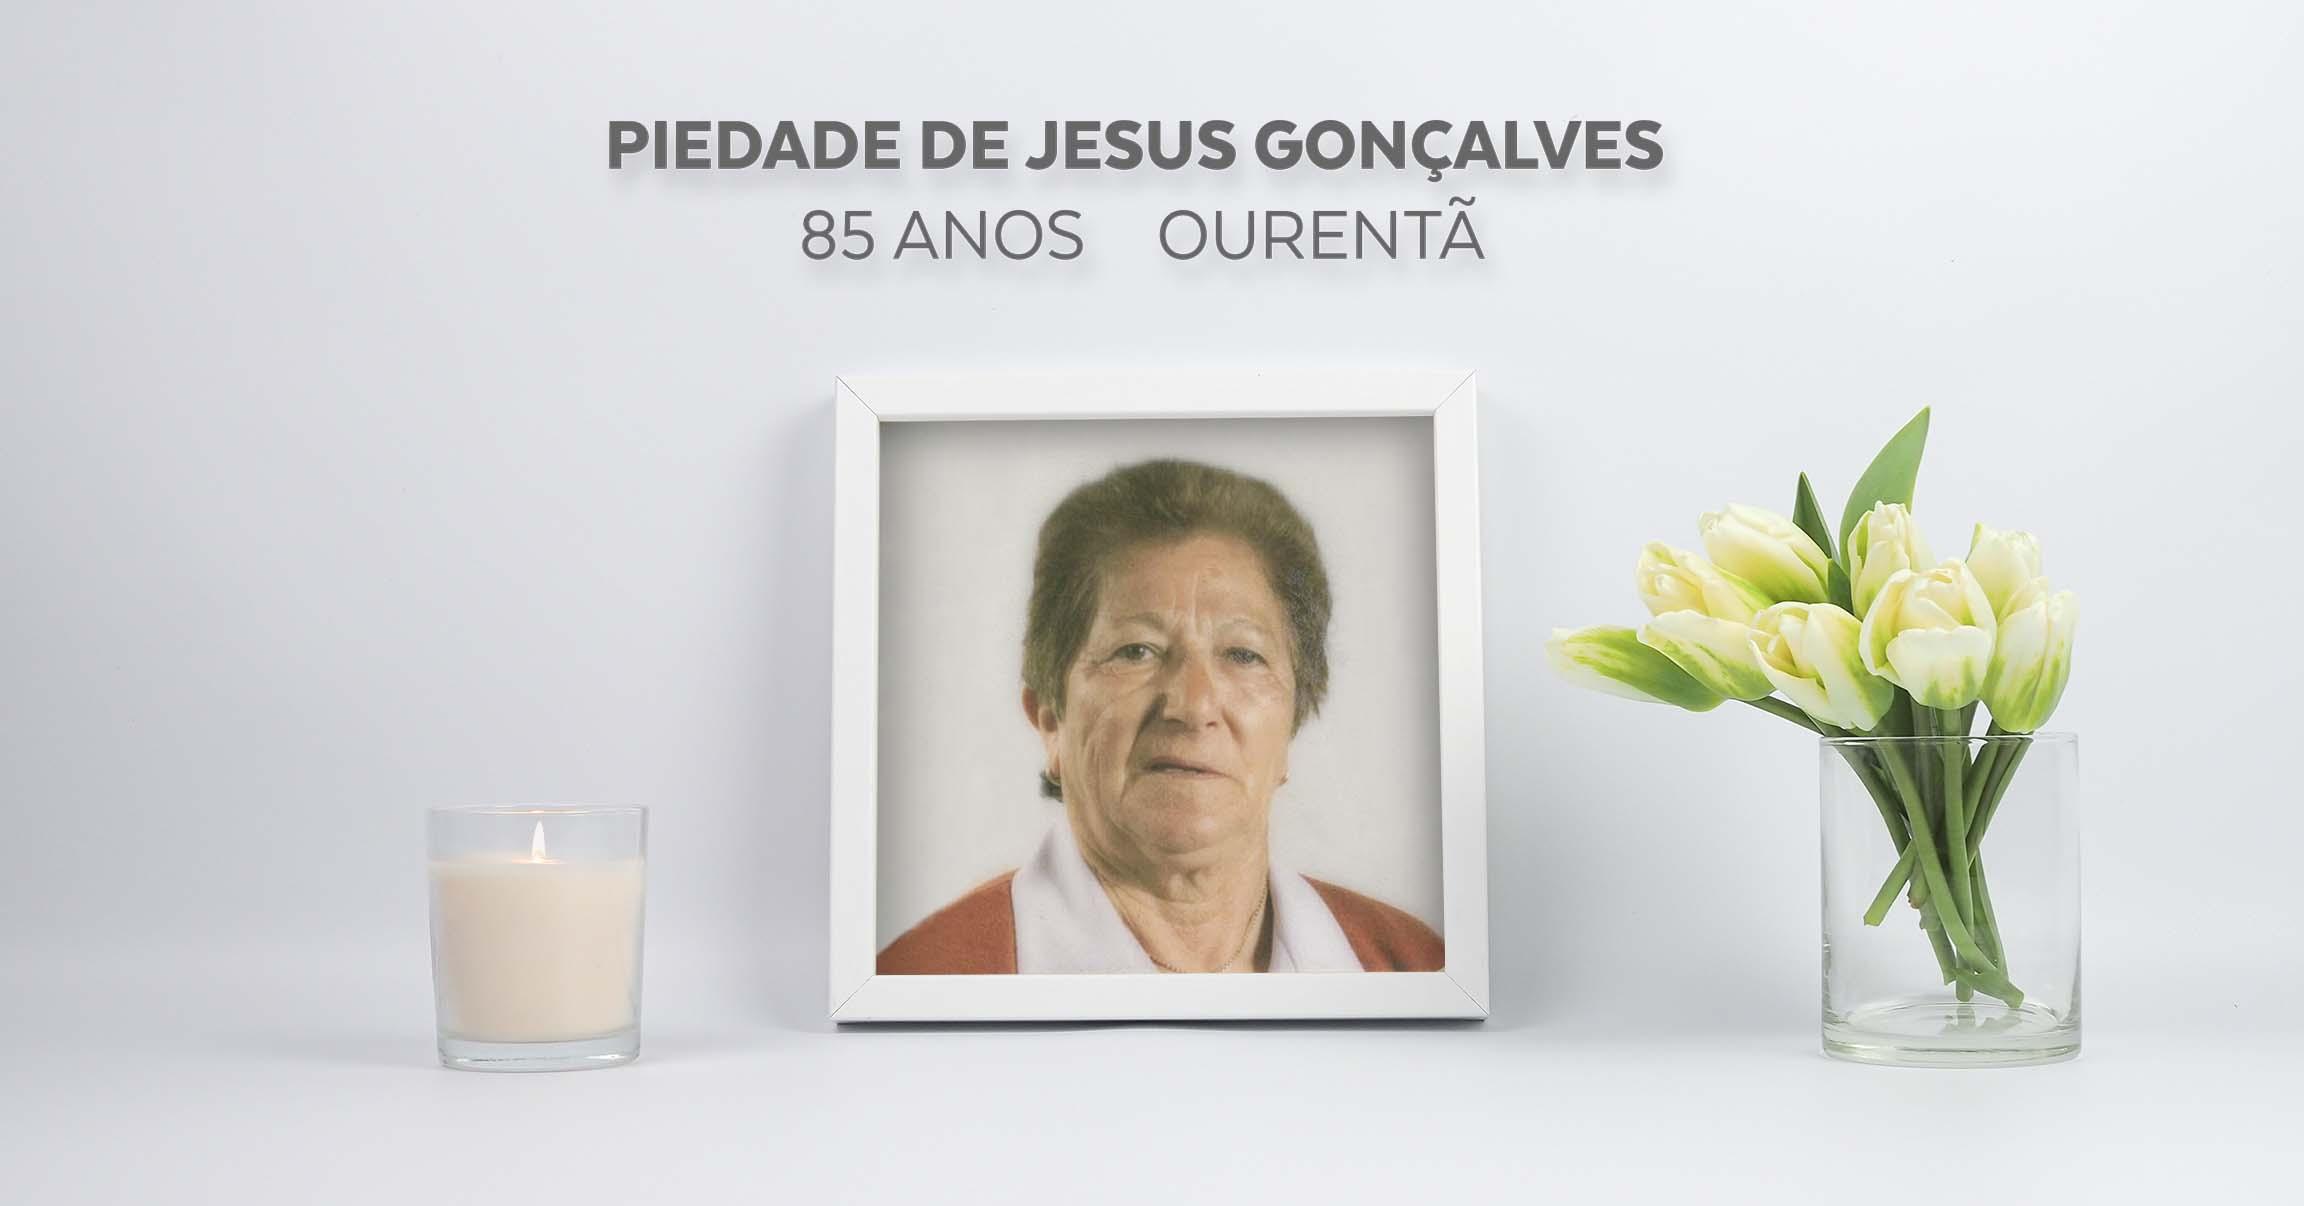 Piedade de Jesus Gonçalves